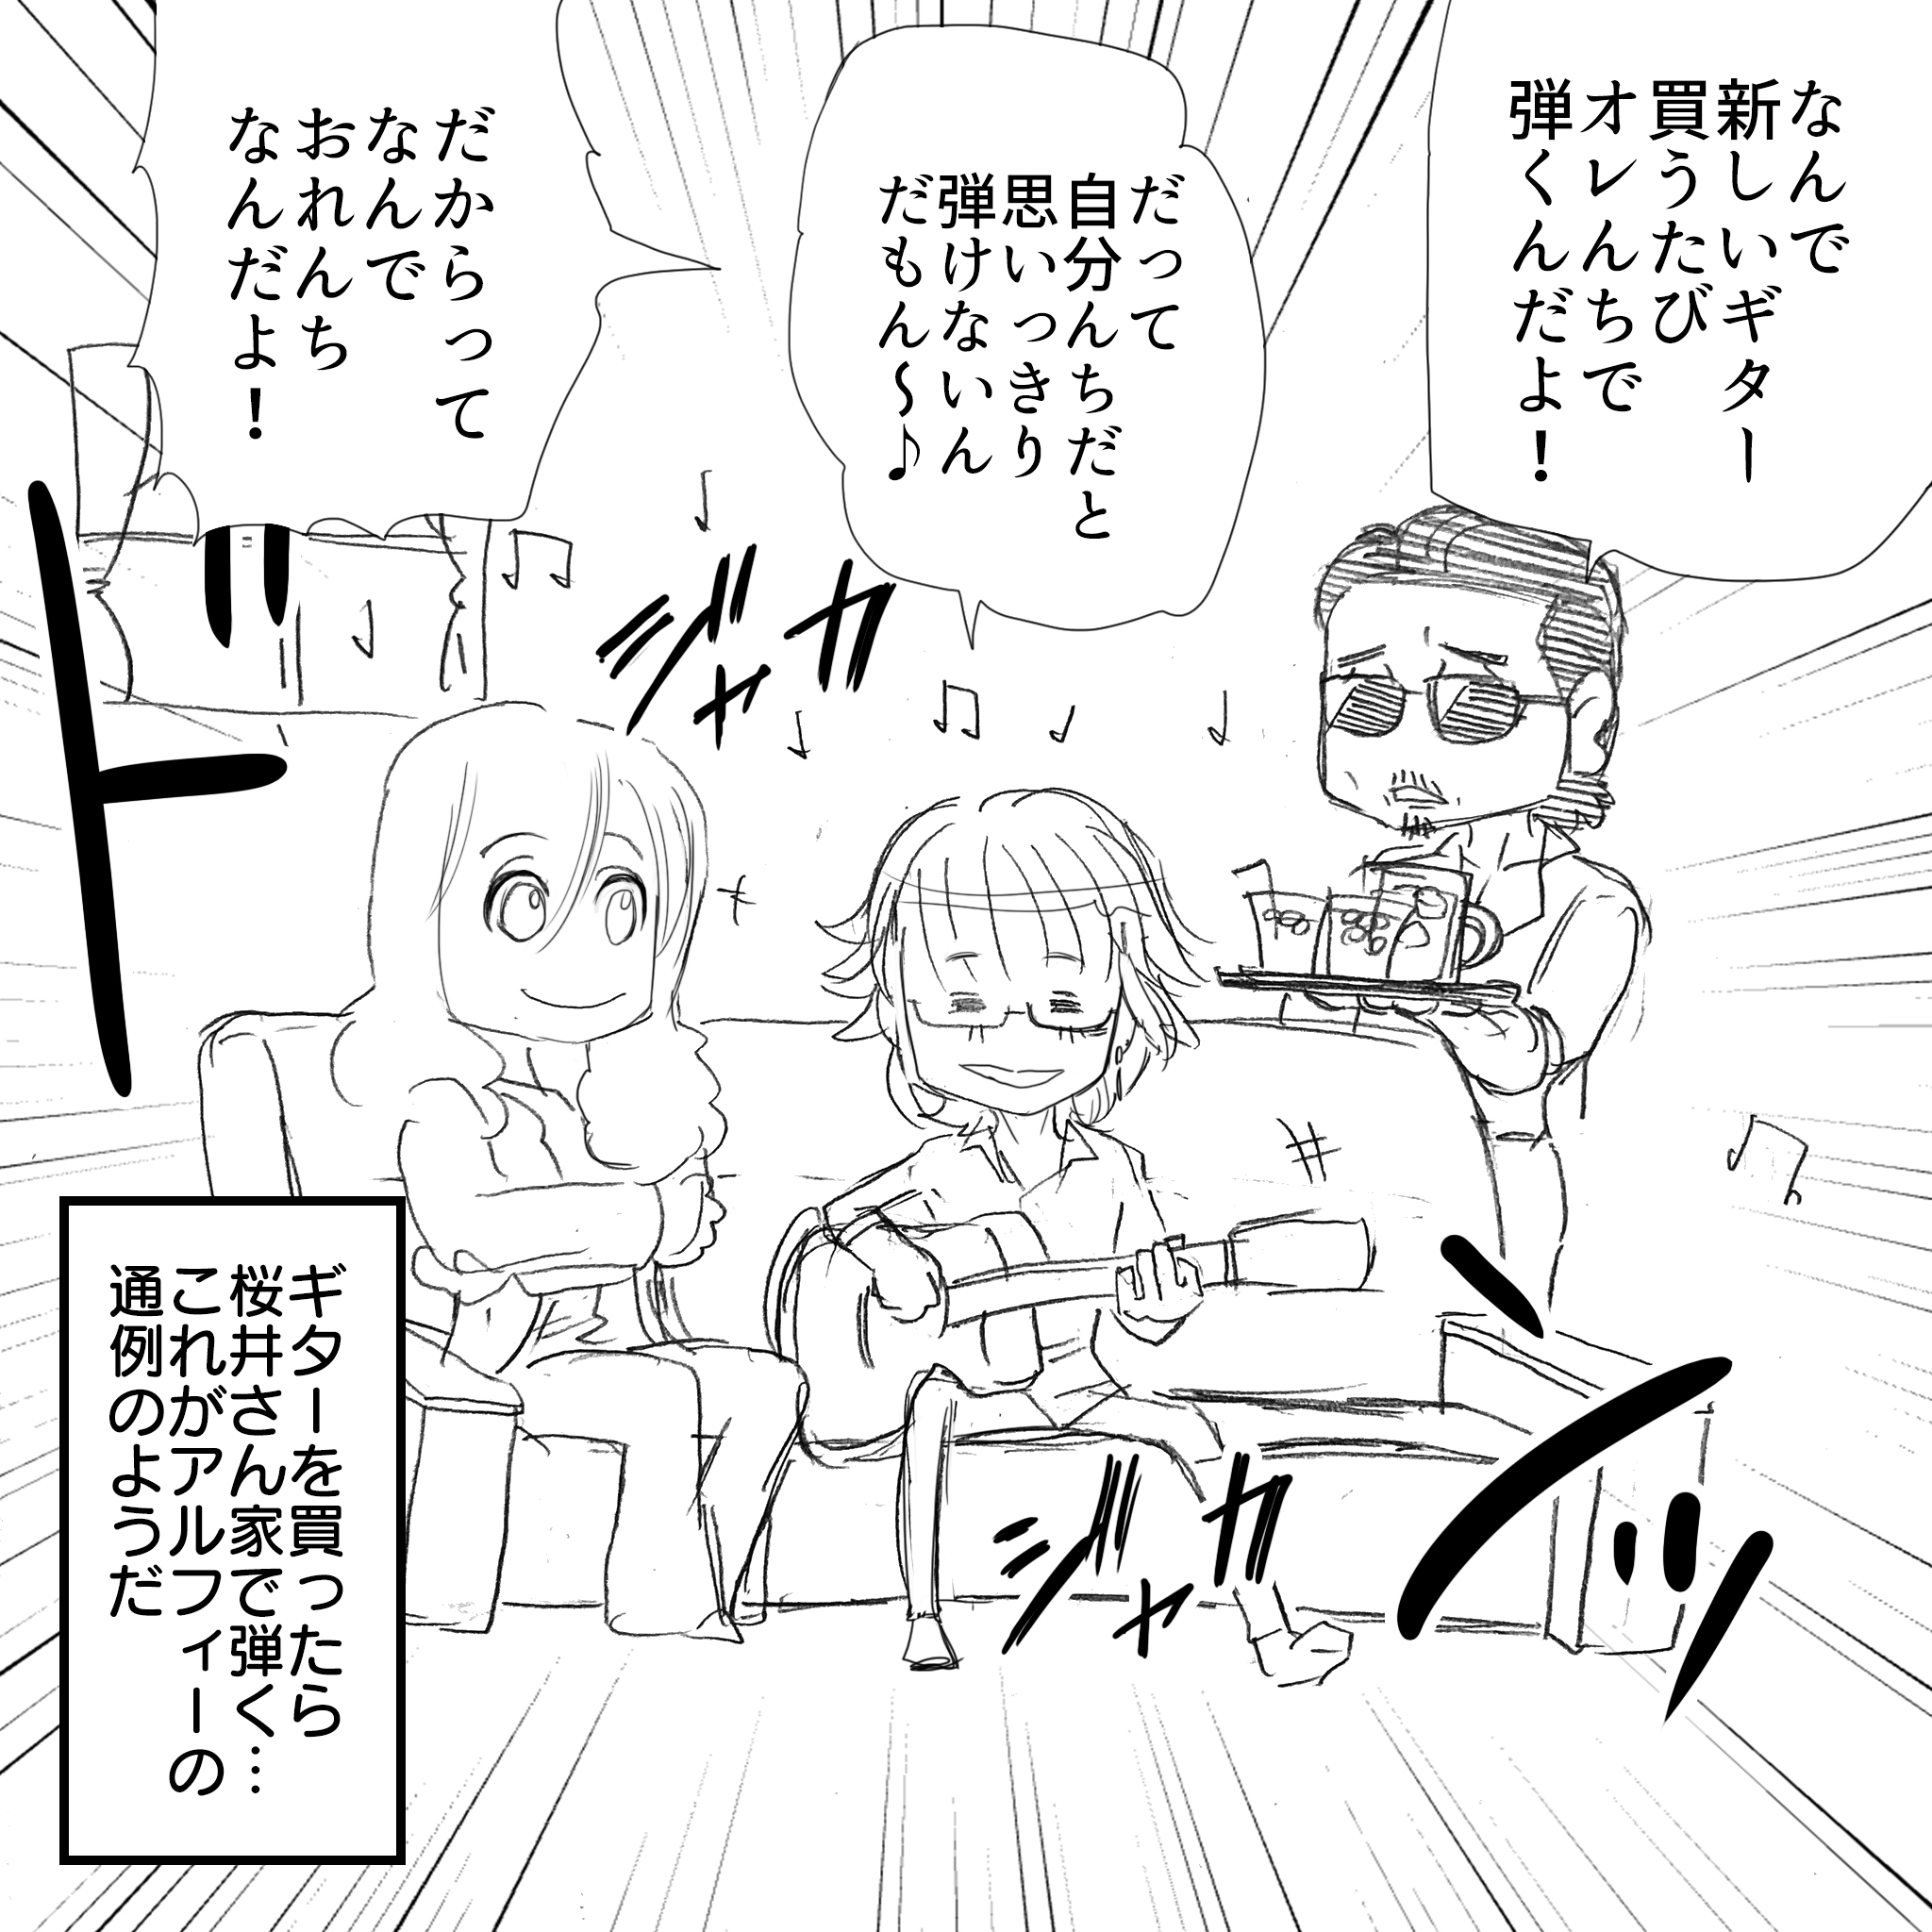 坂崎さんギターを買う4